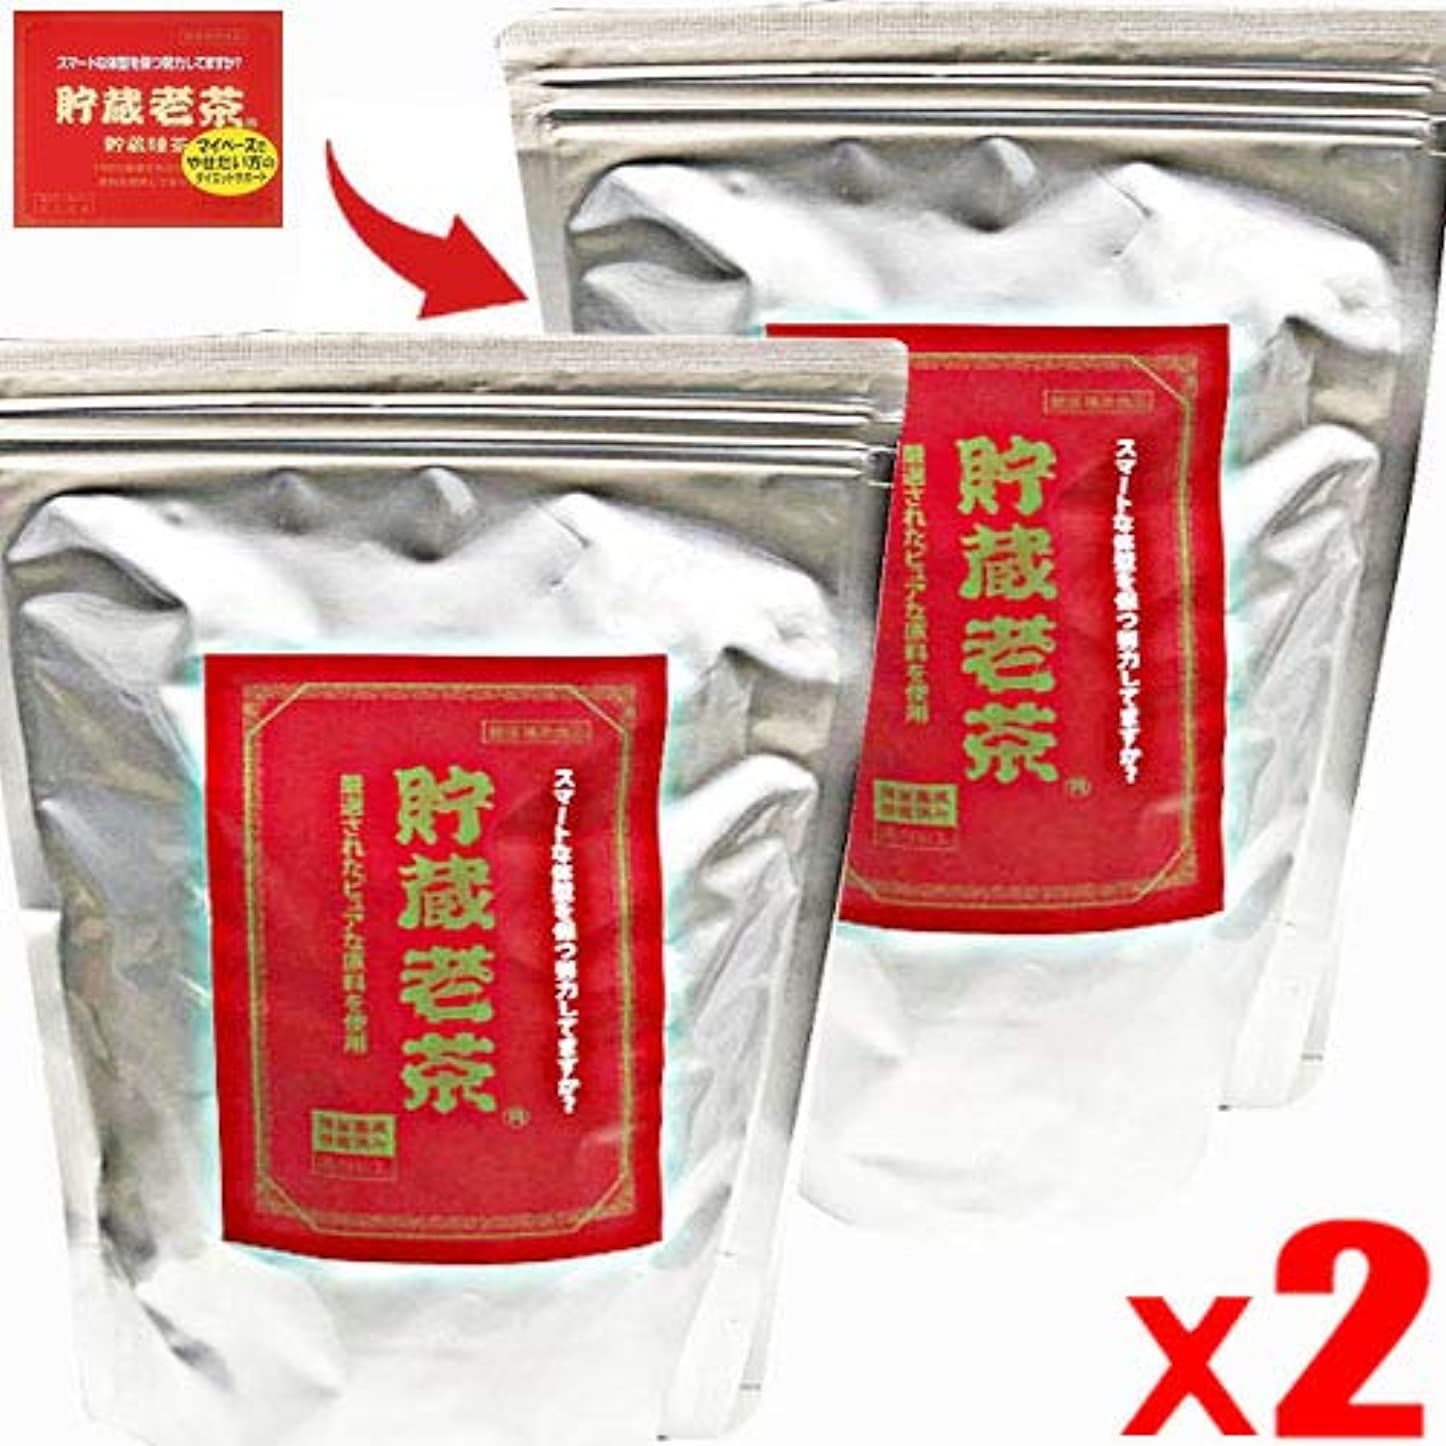 本部の間でエイズ共栄 貯蔵老茶 (3.7gX60包)x2個(4972889000197-2) 赤箱からパウチ包装に変更です。